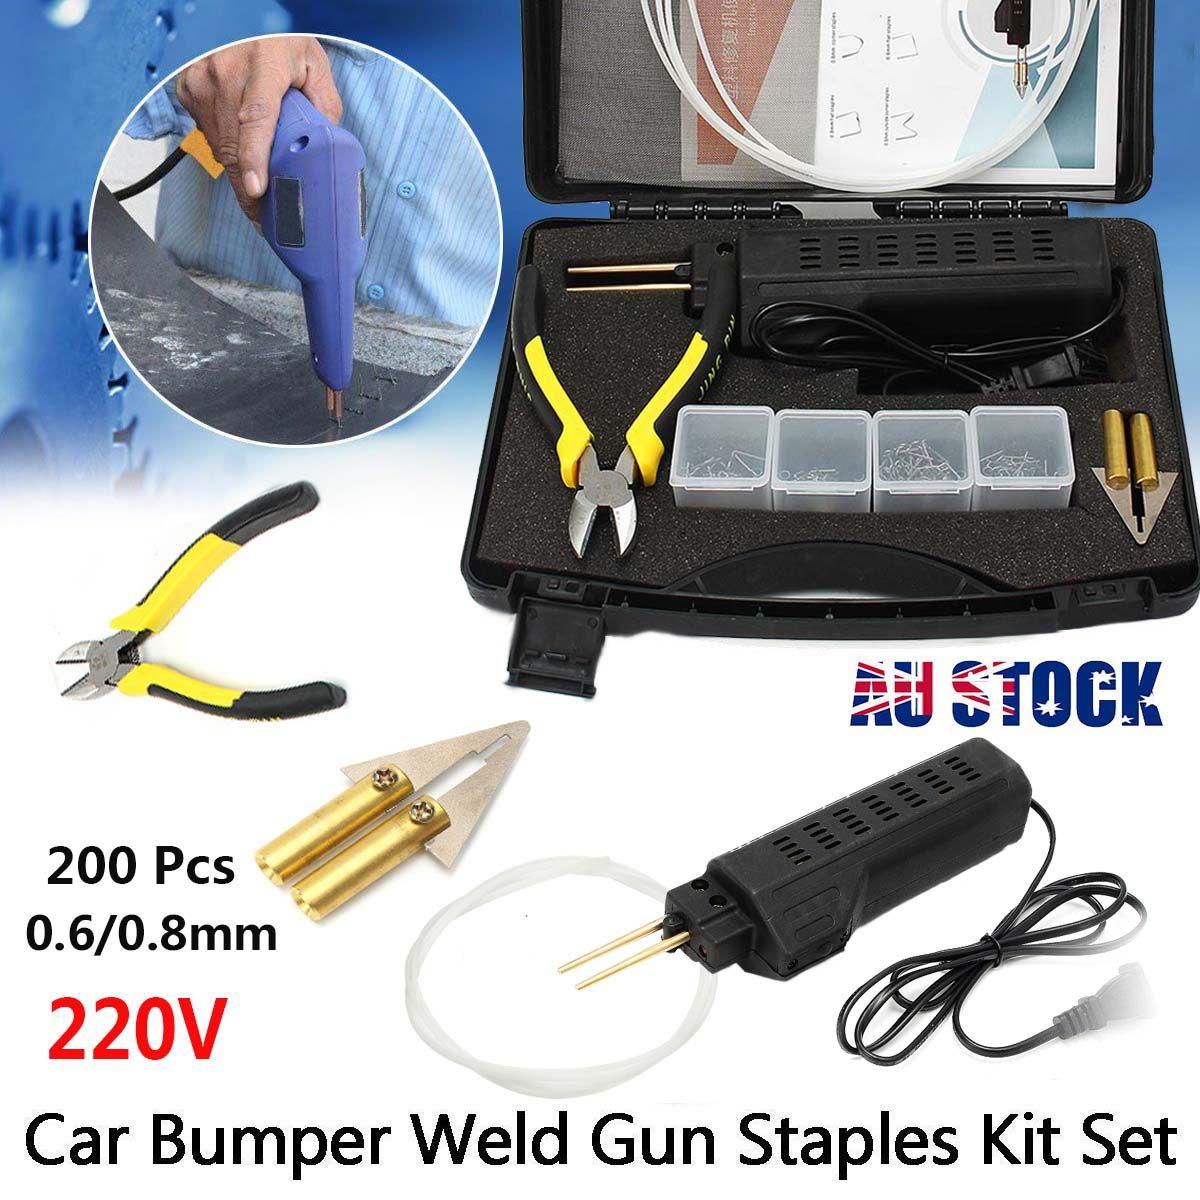 Hot Stapler Car Bumper for Fender Fairing for Welder for Gun Plastic Repair Kit 200 Staples Auto Body Soldering Iron